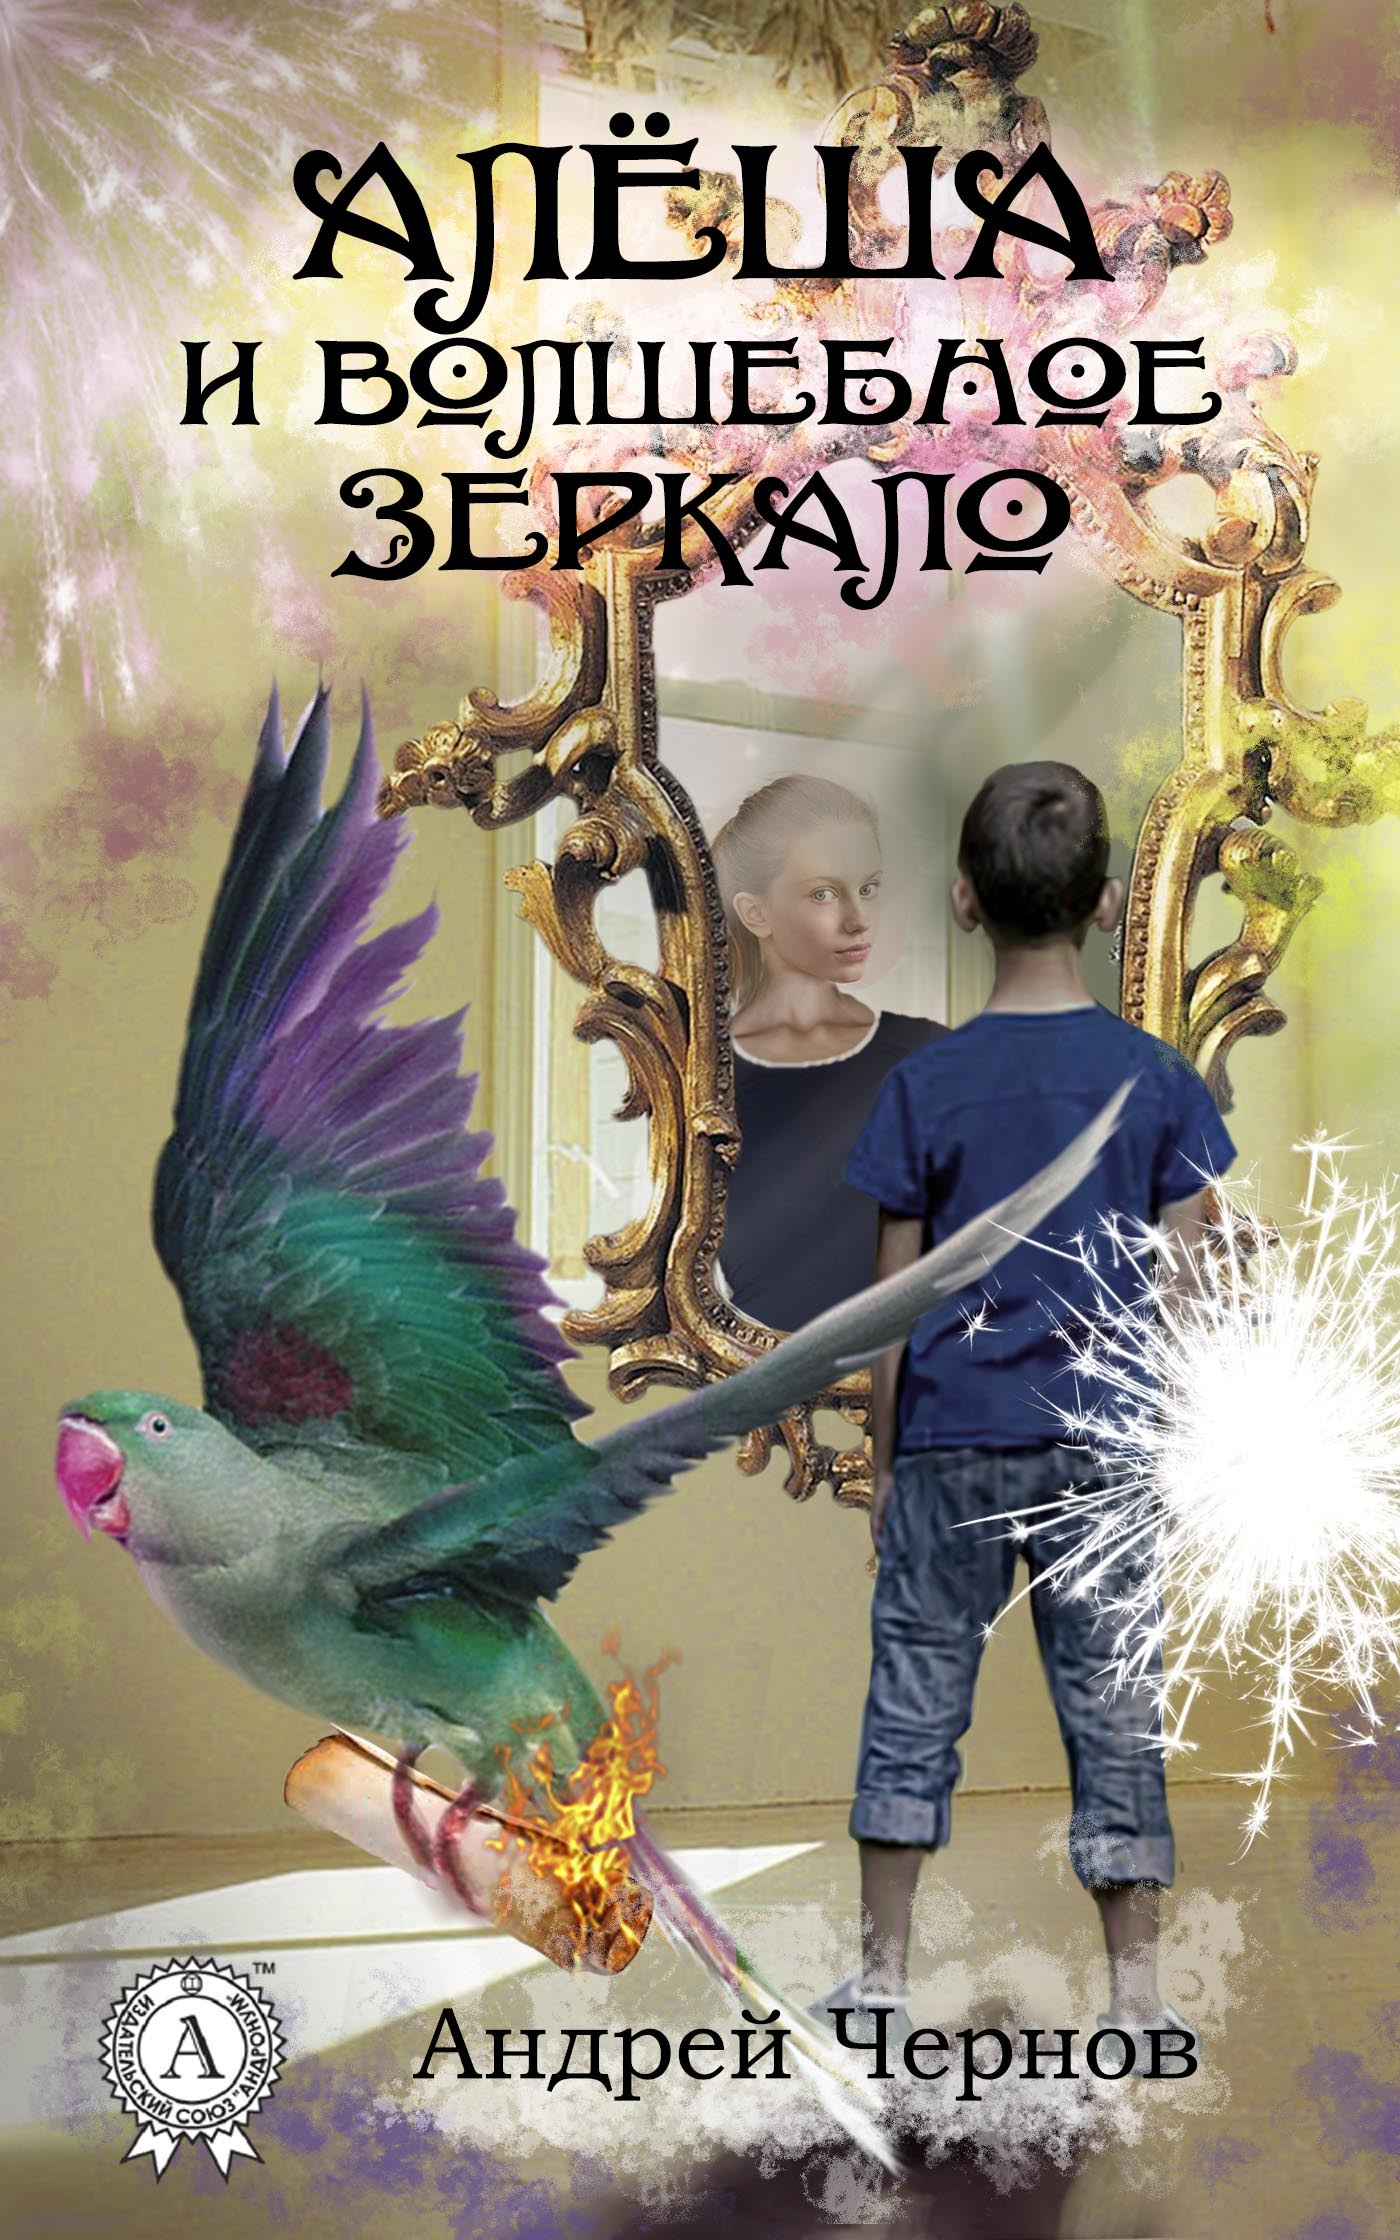 Алёша и волшебное зеркало